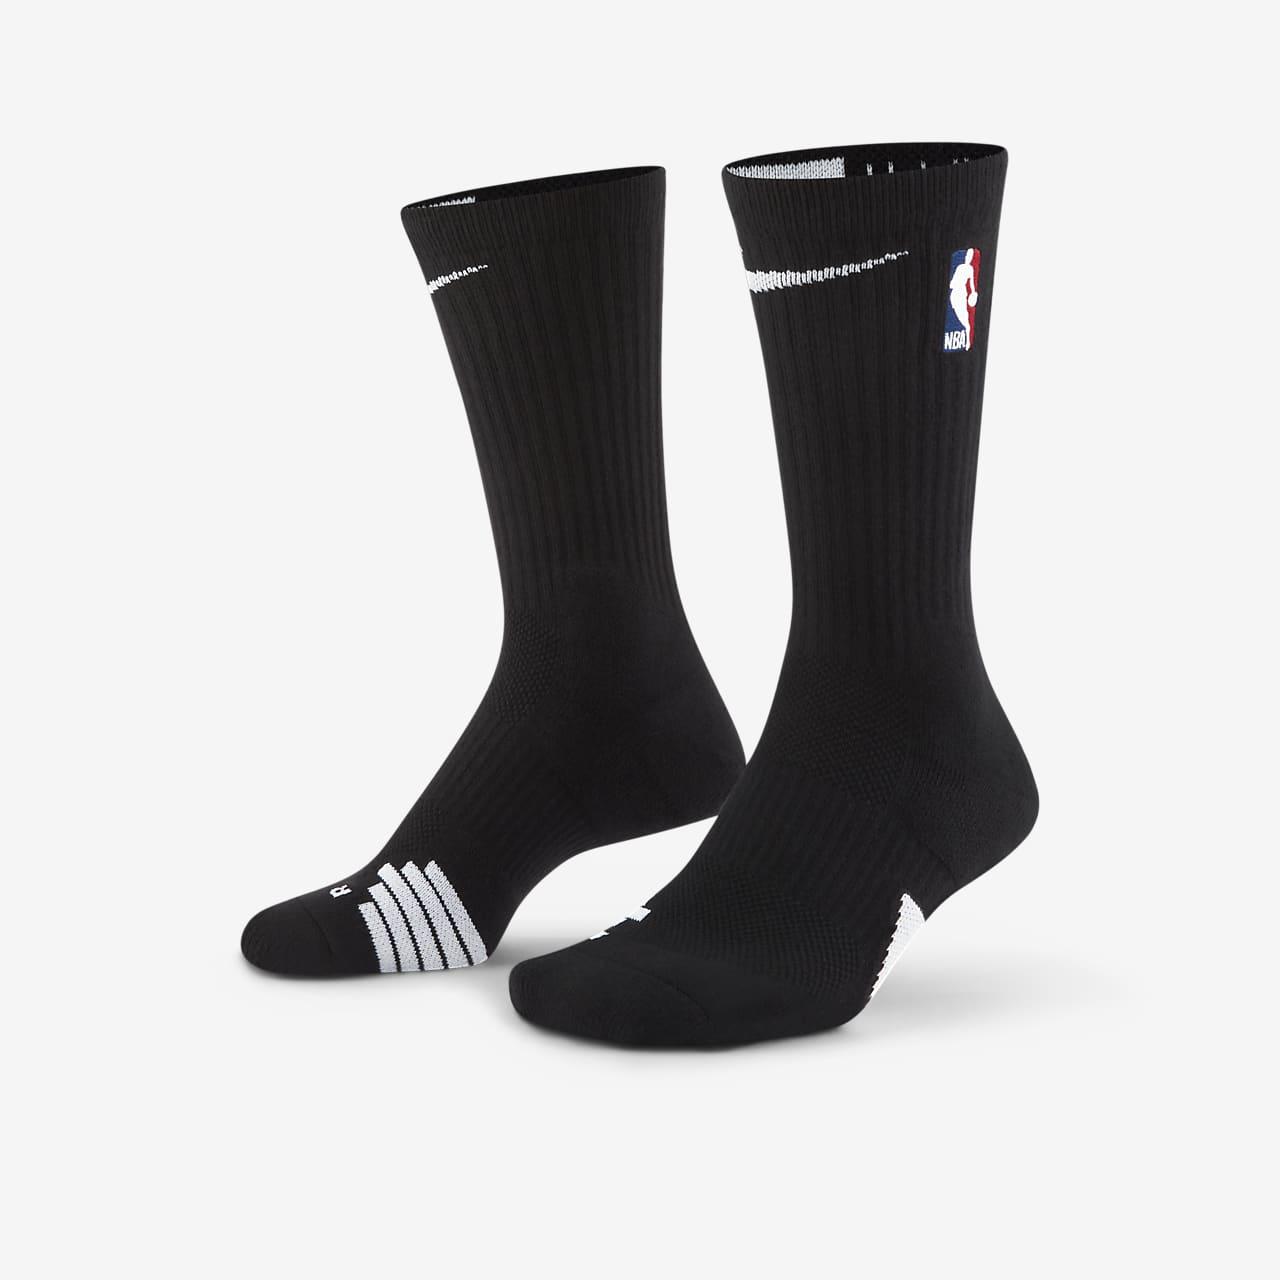 ถุงเท้าข้อยาว NBA Nike Elite